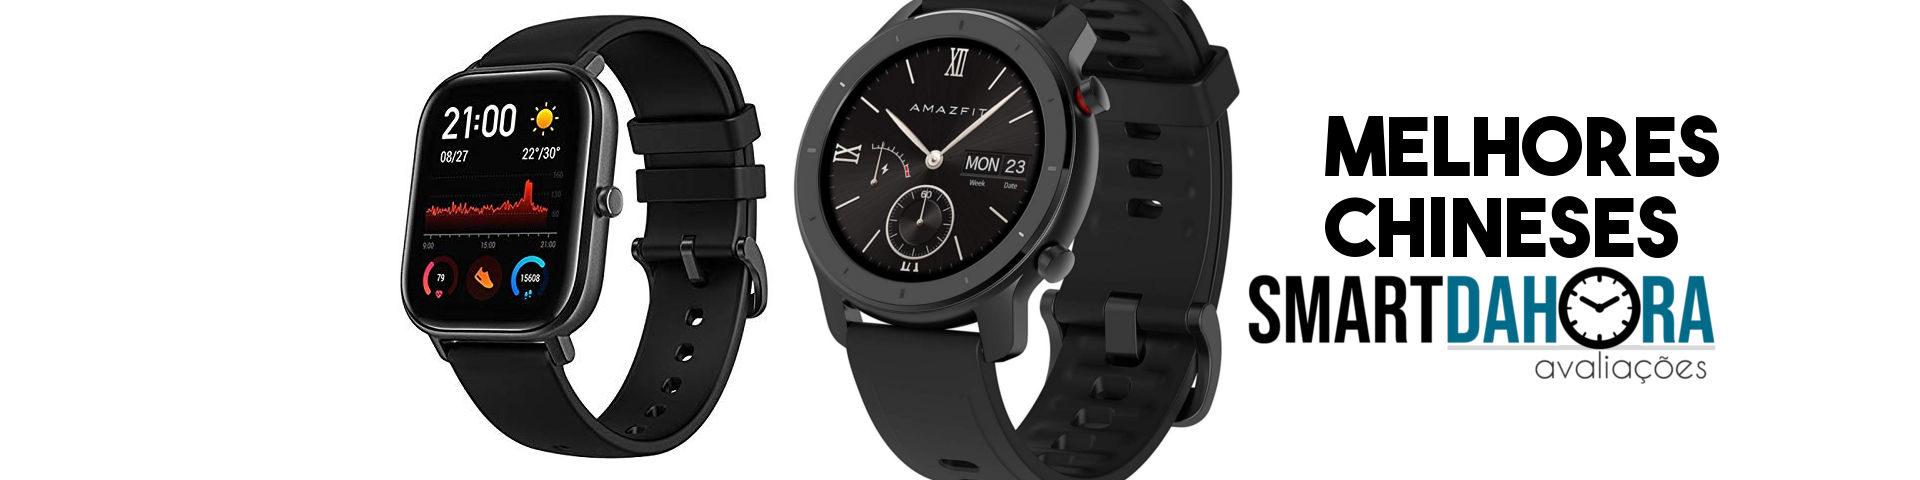 melhor smartwatch chines